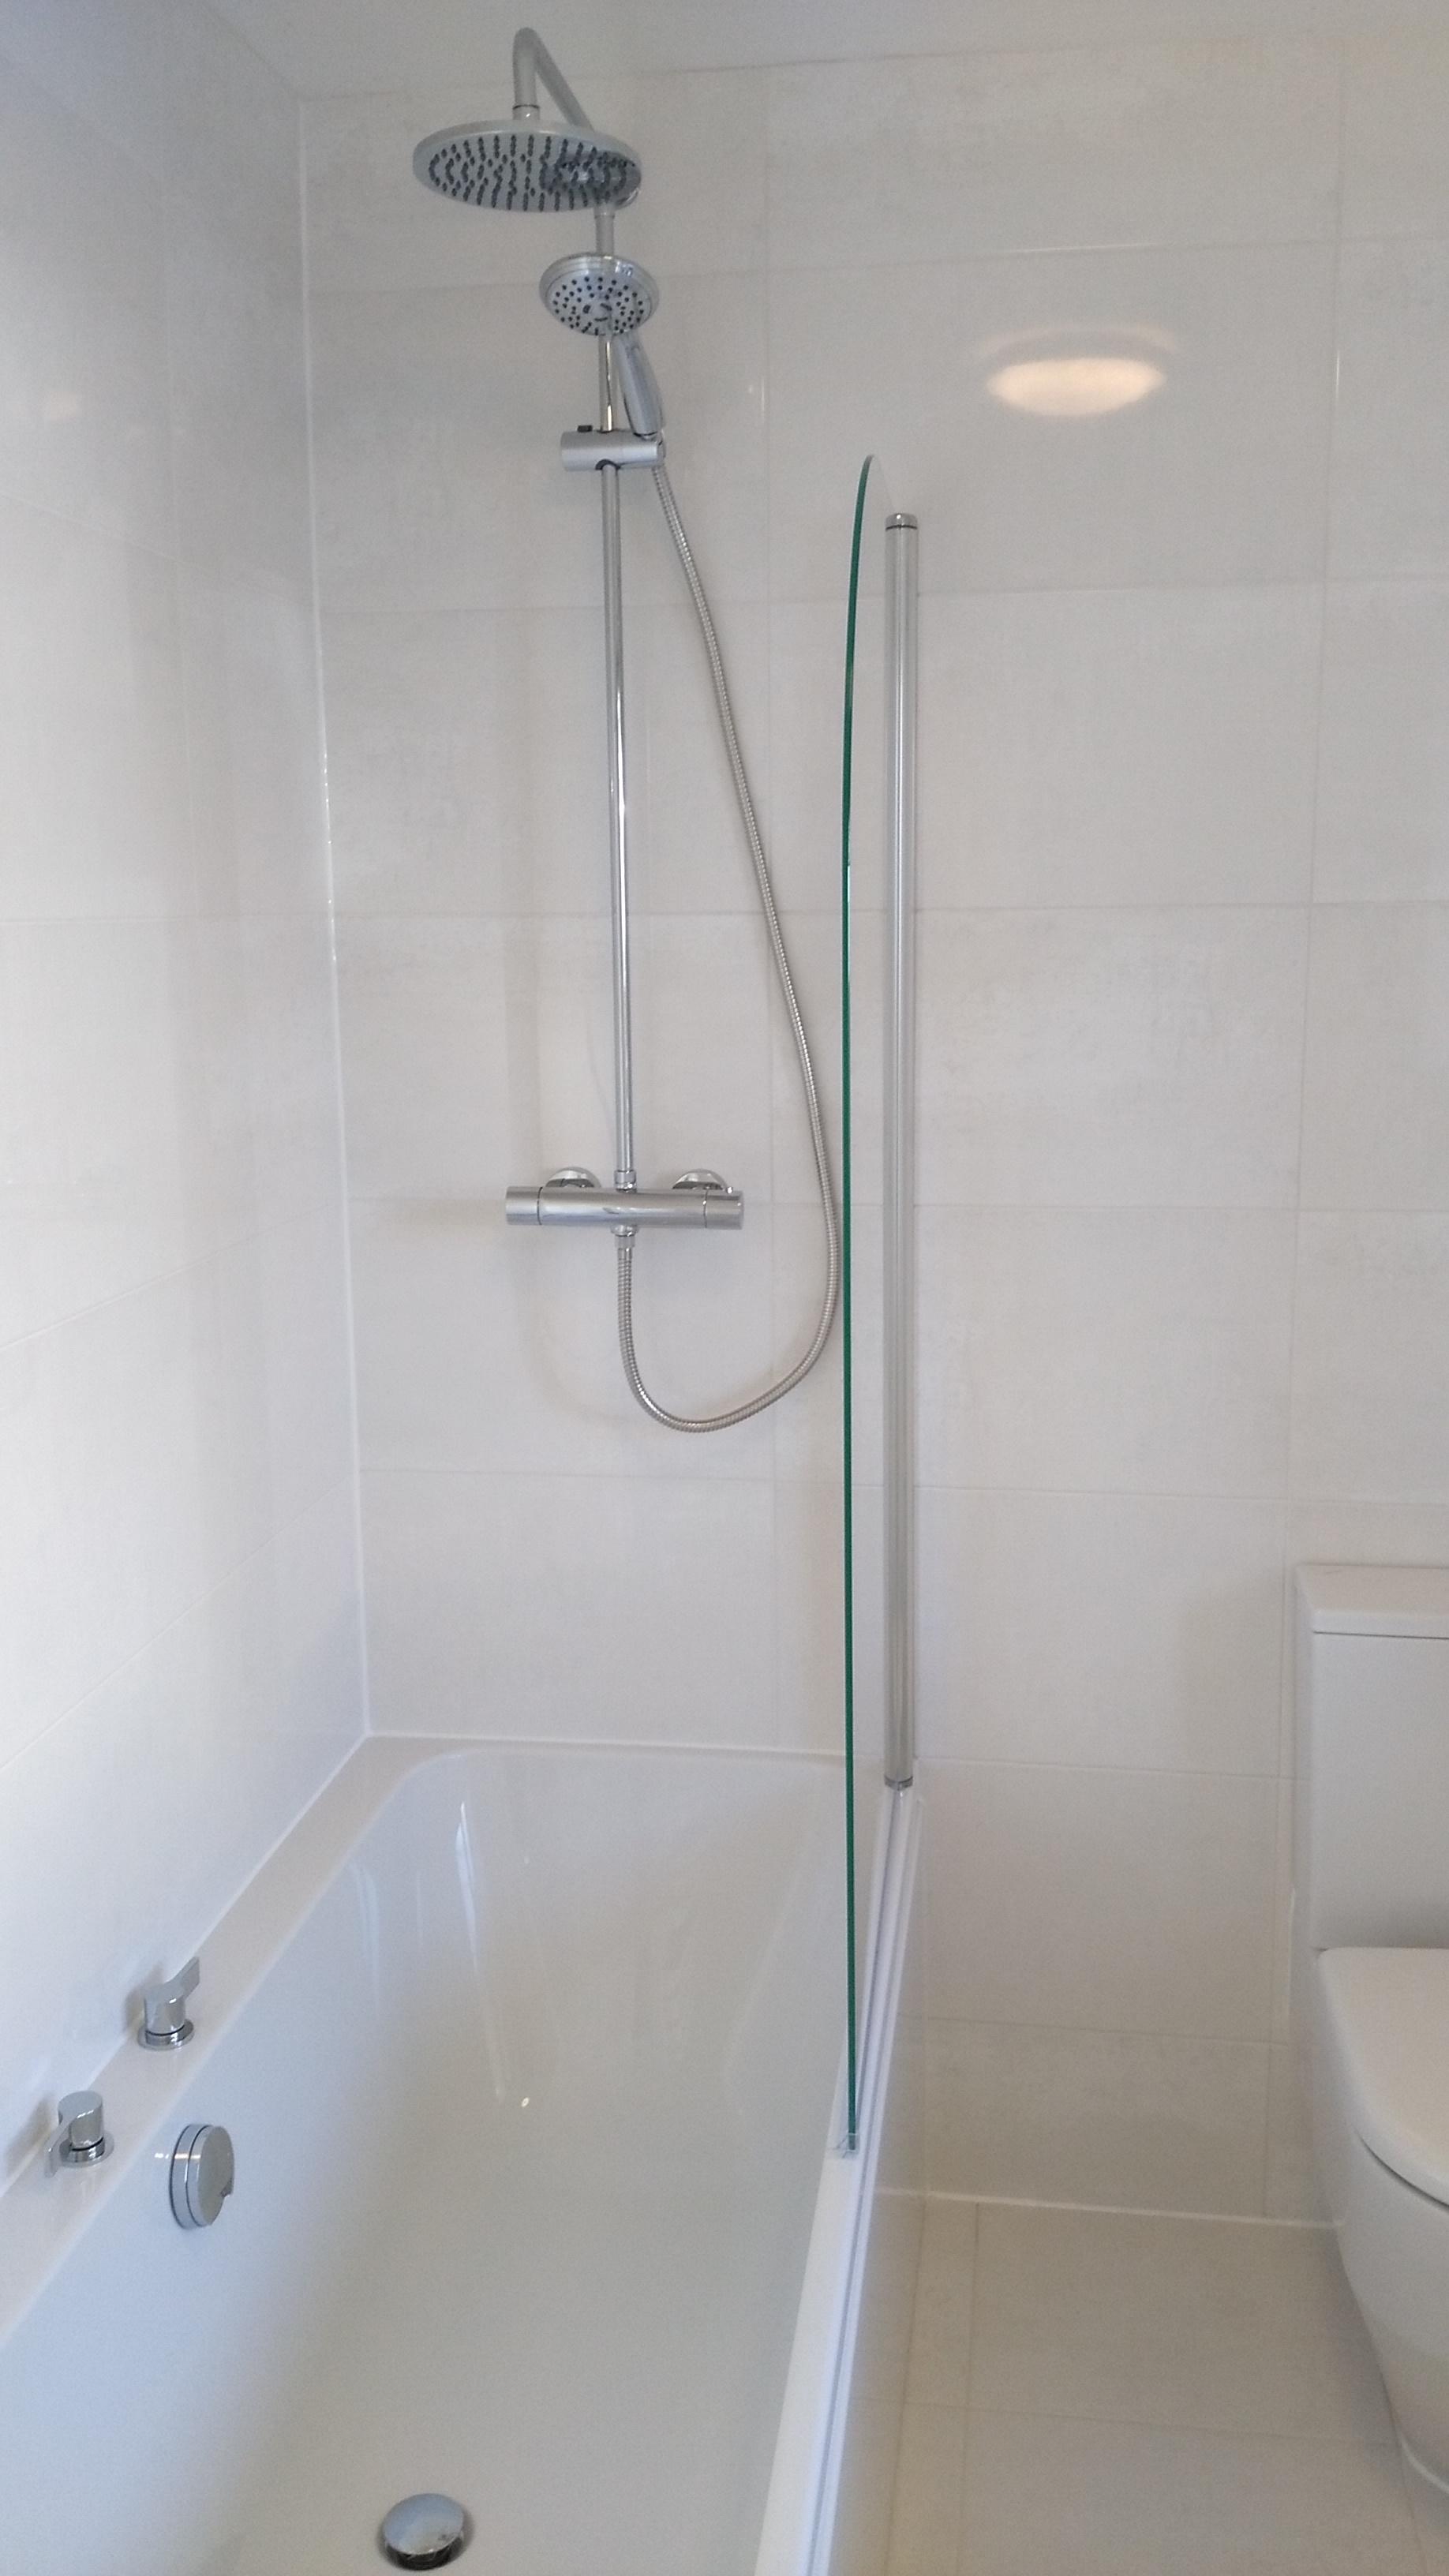 Exposed valve shower in white edinburgh bathroom